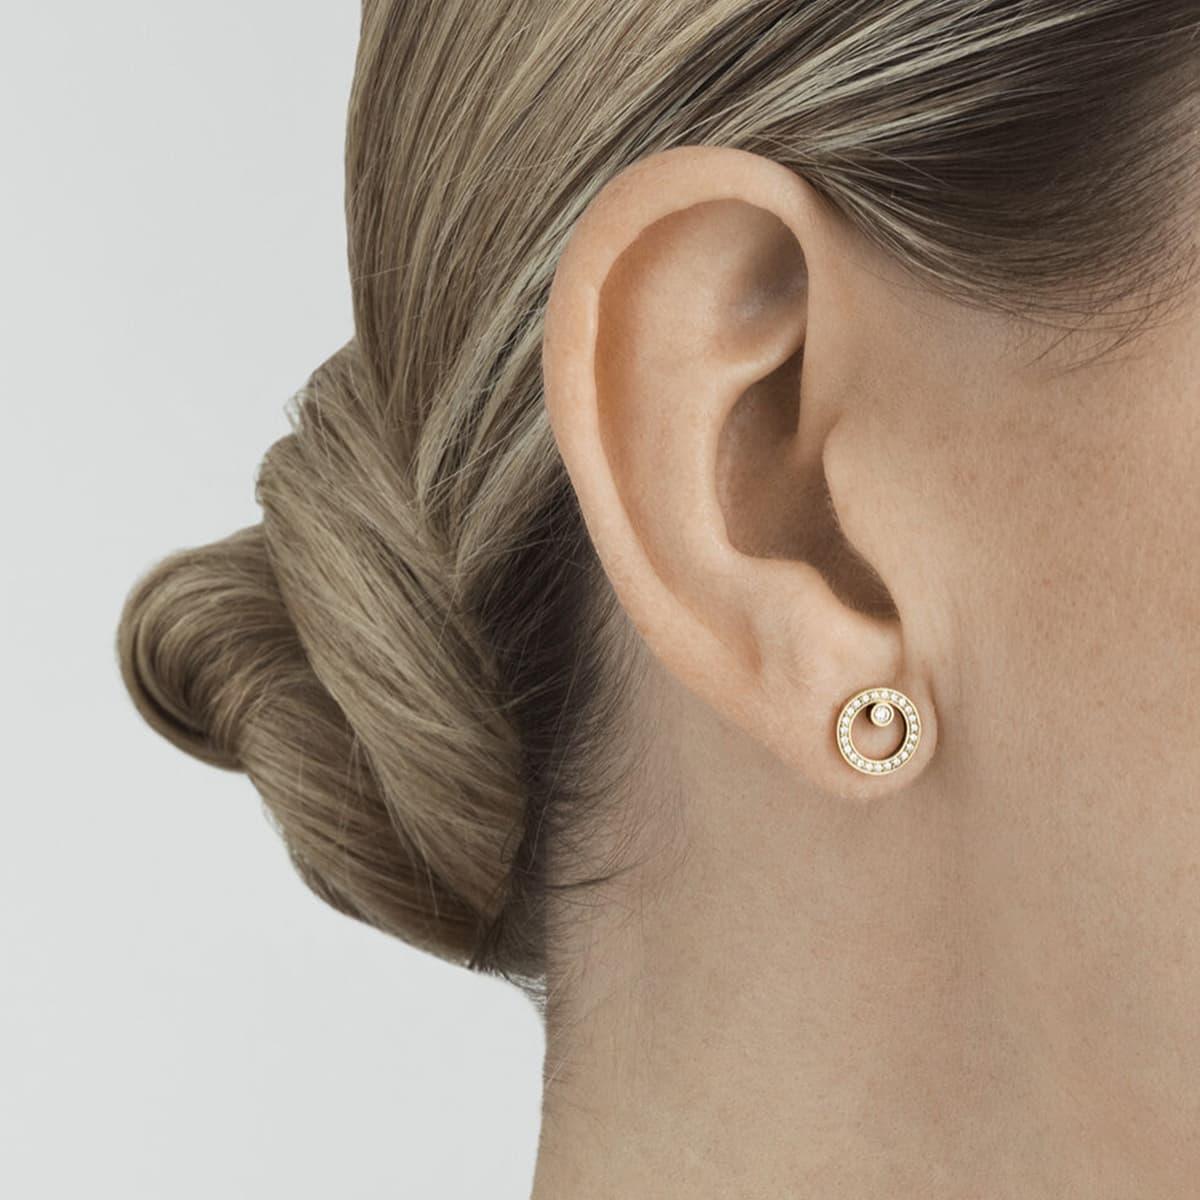 Halo 18ct Yellow Gold & Diamond Stud Earrings